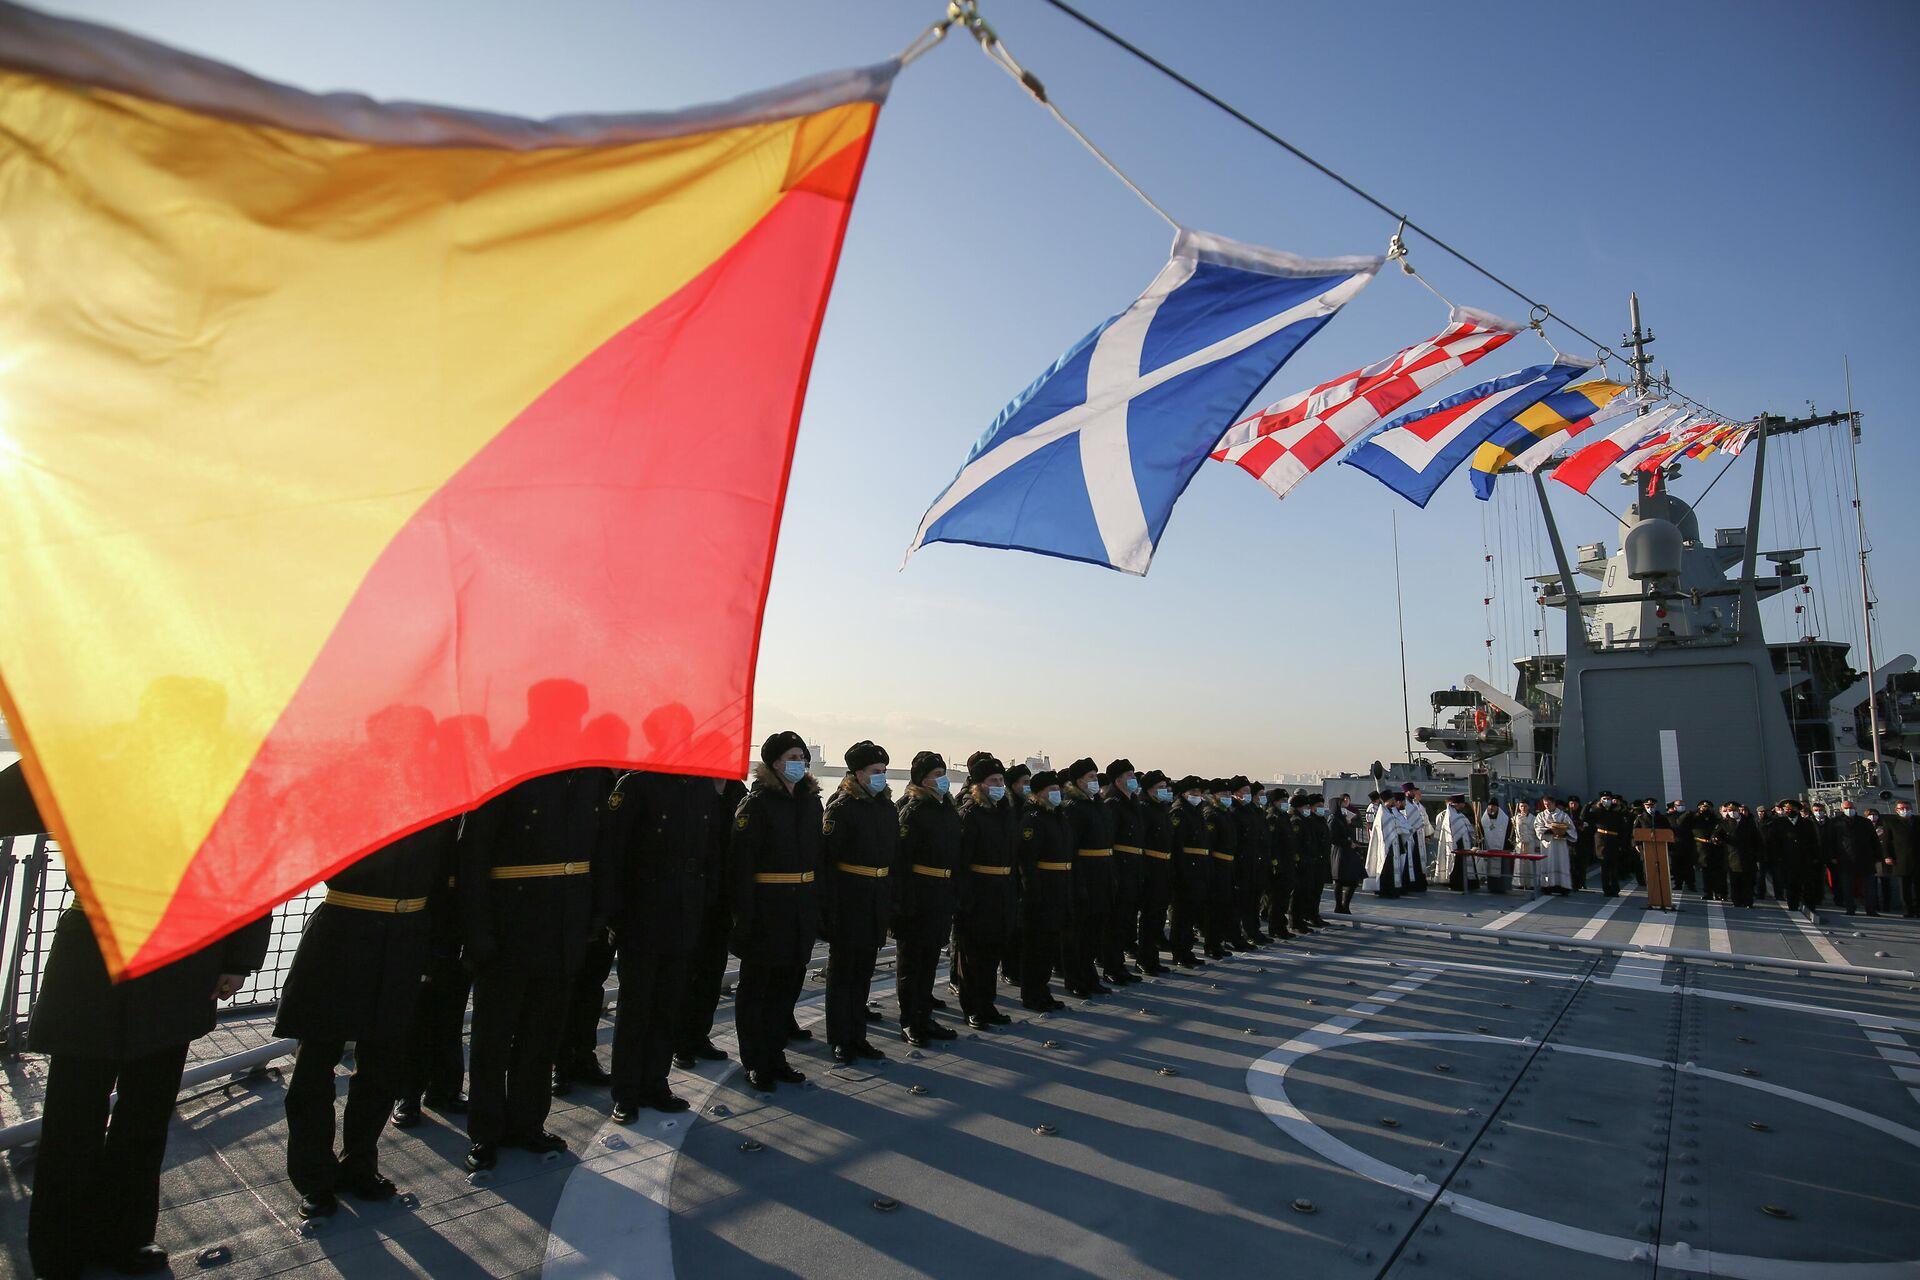 Церемония подъёма Военно-морского флага на патрульном корабле Павел Державин и приём корабля в состав Черноморского флота - РИА Новости, 1920, 27.11.2020